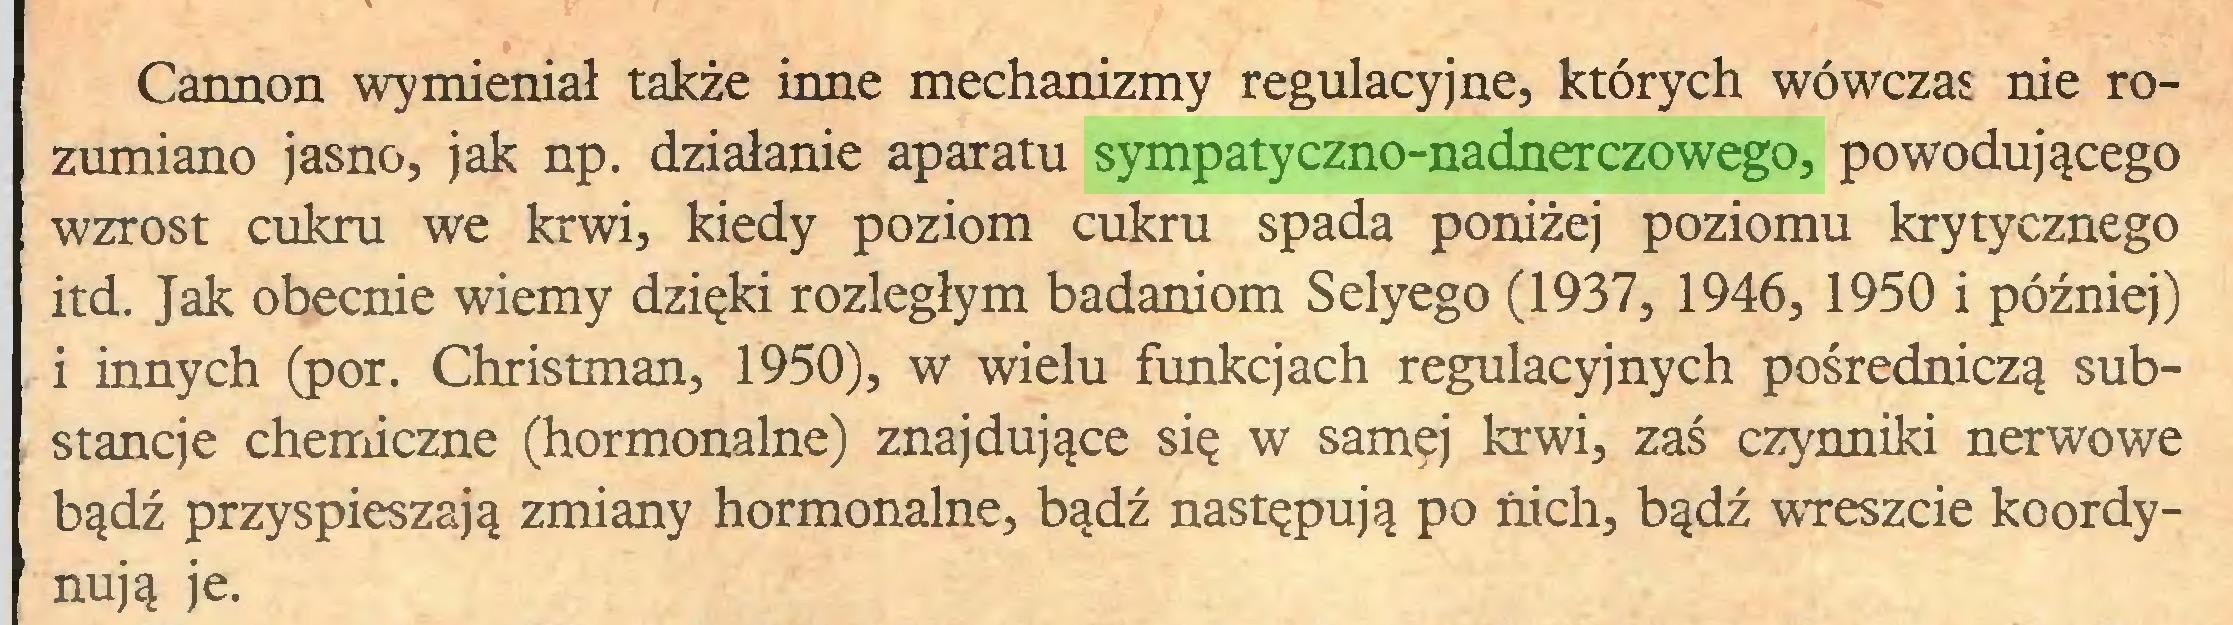 (...) Cannon wymieniał także inne mechanizmy regulacyjne, których wówczas nie rozumiano jasno, jak np. działanie aparatu sympatyczno-nadnerczowego, powodującego wzrost cukru we krwi, kiedy poziom cukru spada poniżej poziomu krytycznego itd. Jak obecnie wiemy dzięki rozległym badaniom Selyego (1937, 1946, 1950 i później) i innych (por. Christman, 1950), w wielu funkcjach regulacyjnych pośredniczą substancje chemiczne (hormonalne) znajdujące się w samęj krwi, zaś czynniki nerwowe bądź przyspieszają zmiany hormonalne, bądź następują po nich, bądź wreszcie koordy1 nują je...